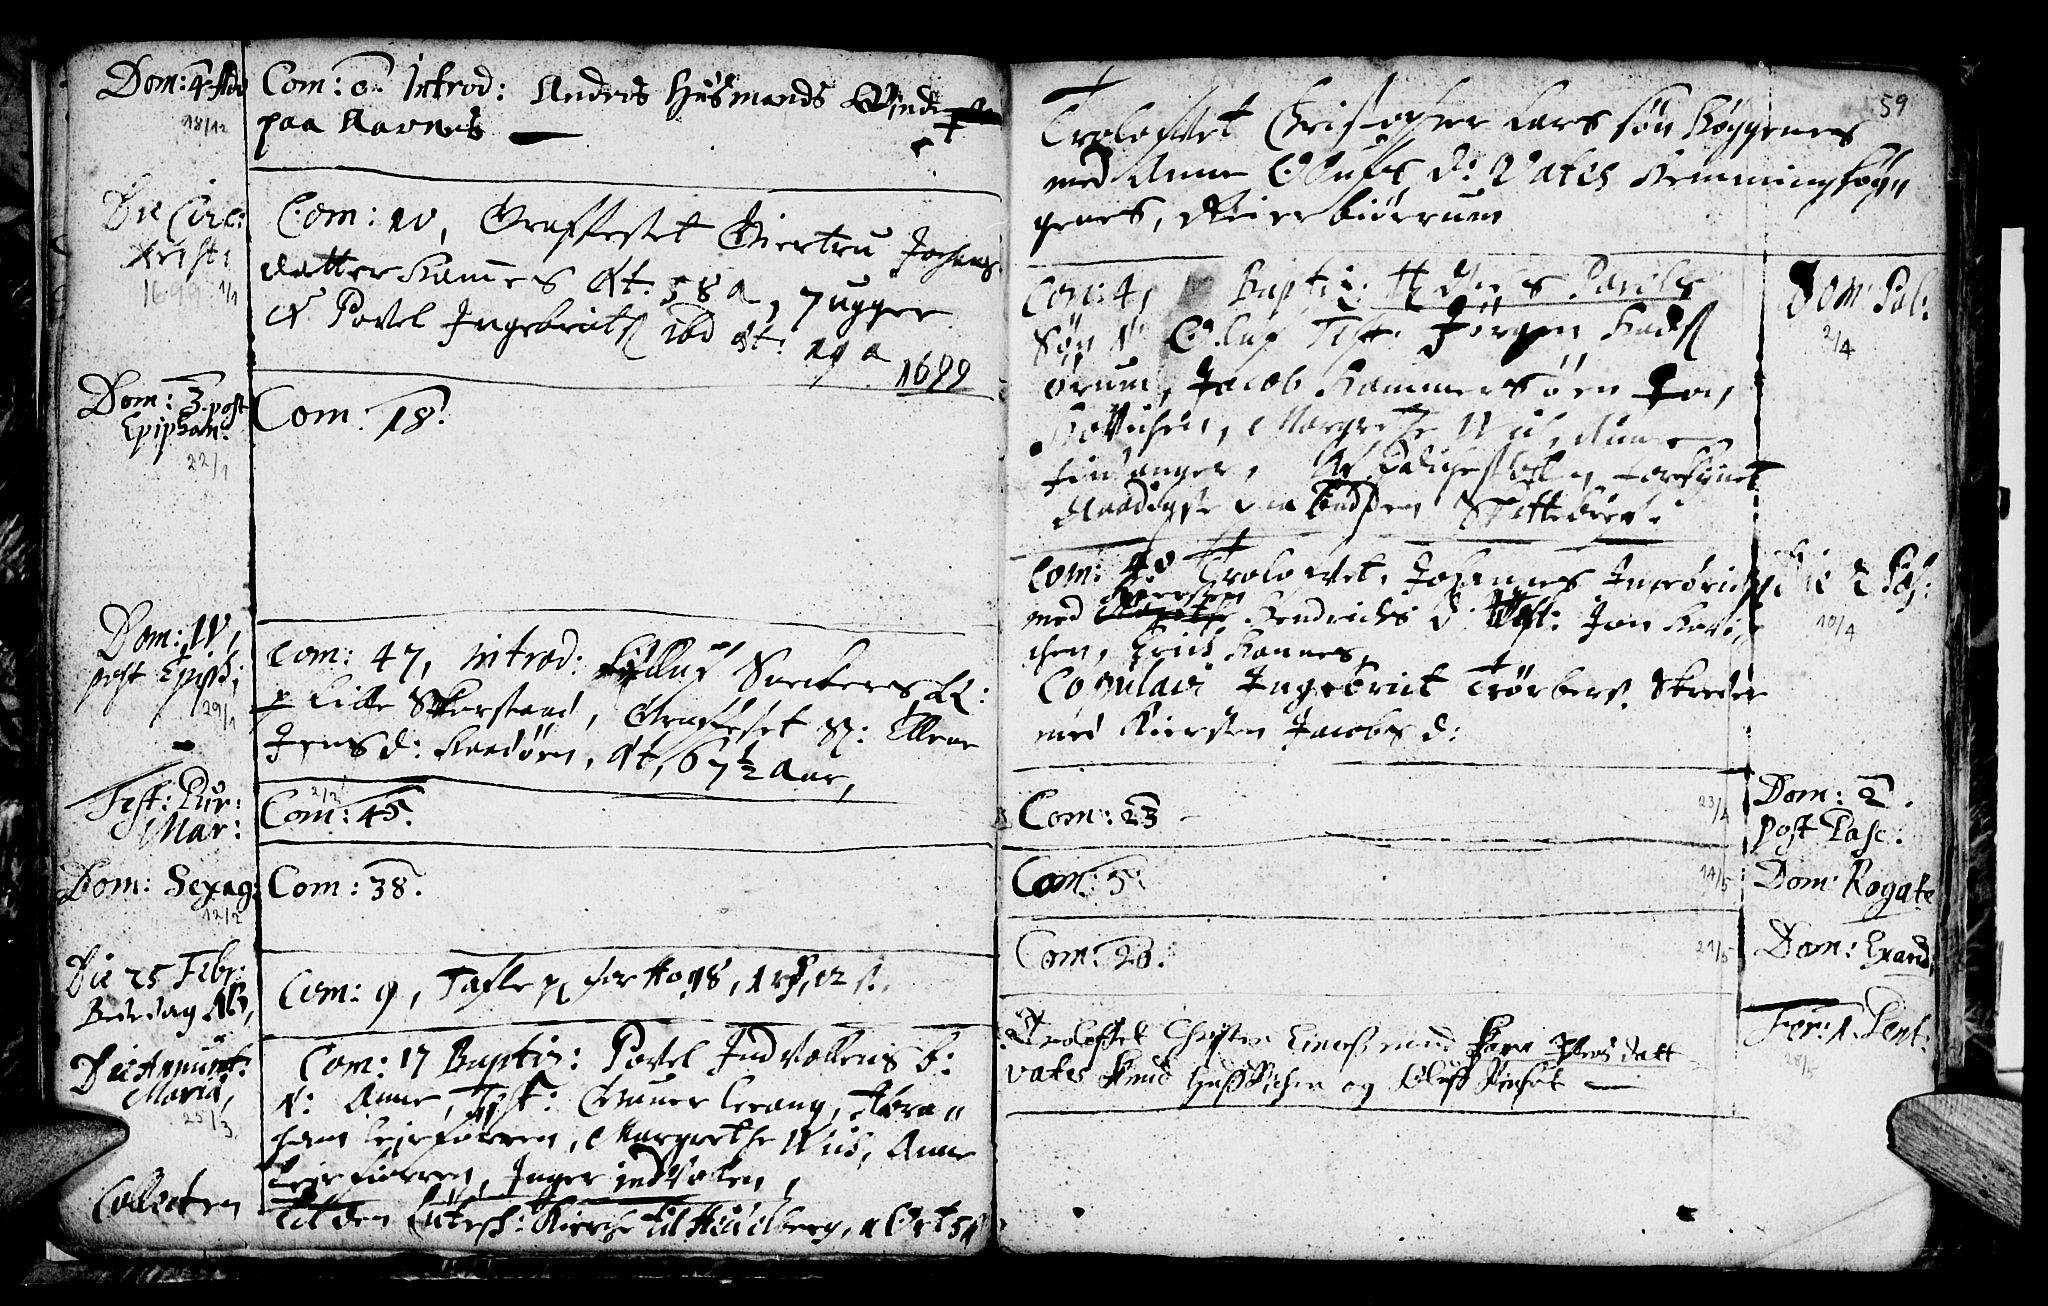 SAT, Ministerialprotokoller, klokkerbøker og fødselsregistre - Nord-Trøndelag, 774/L0627: Ministerialbok nr. 774A01, 1693-1738, s. 58-59